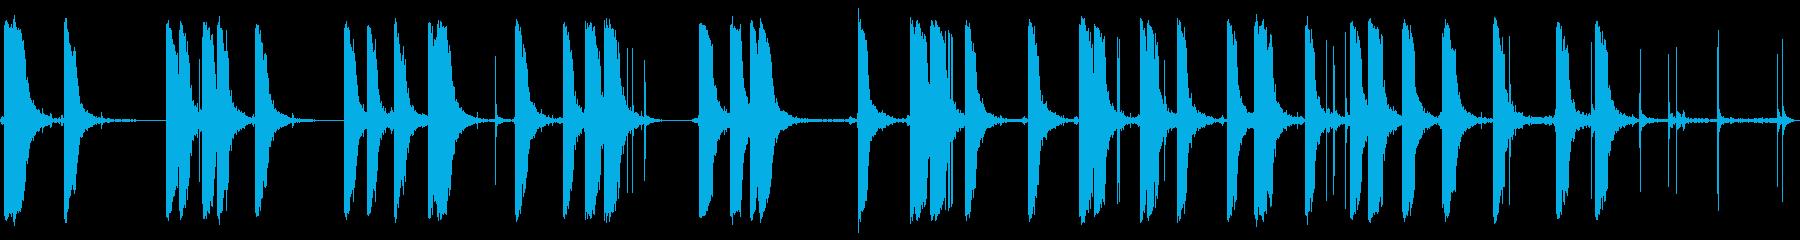 MO 120 RT 61、120 ...の再生済みの波形